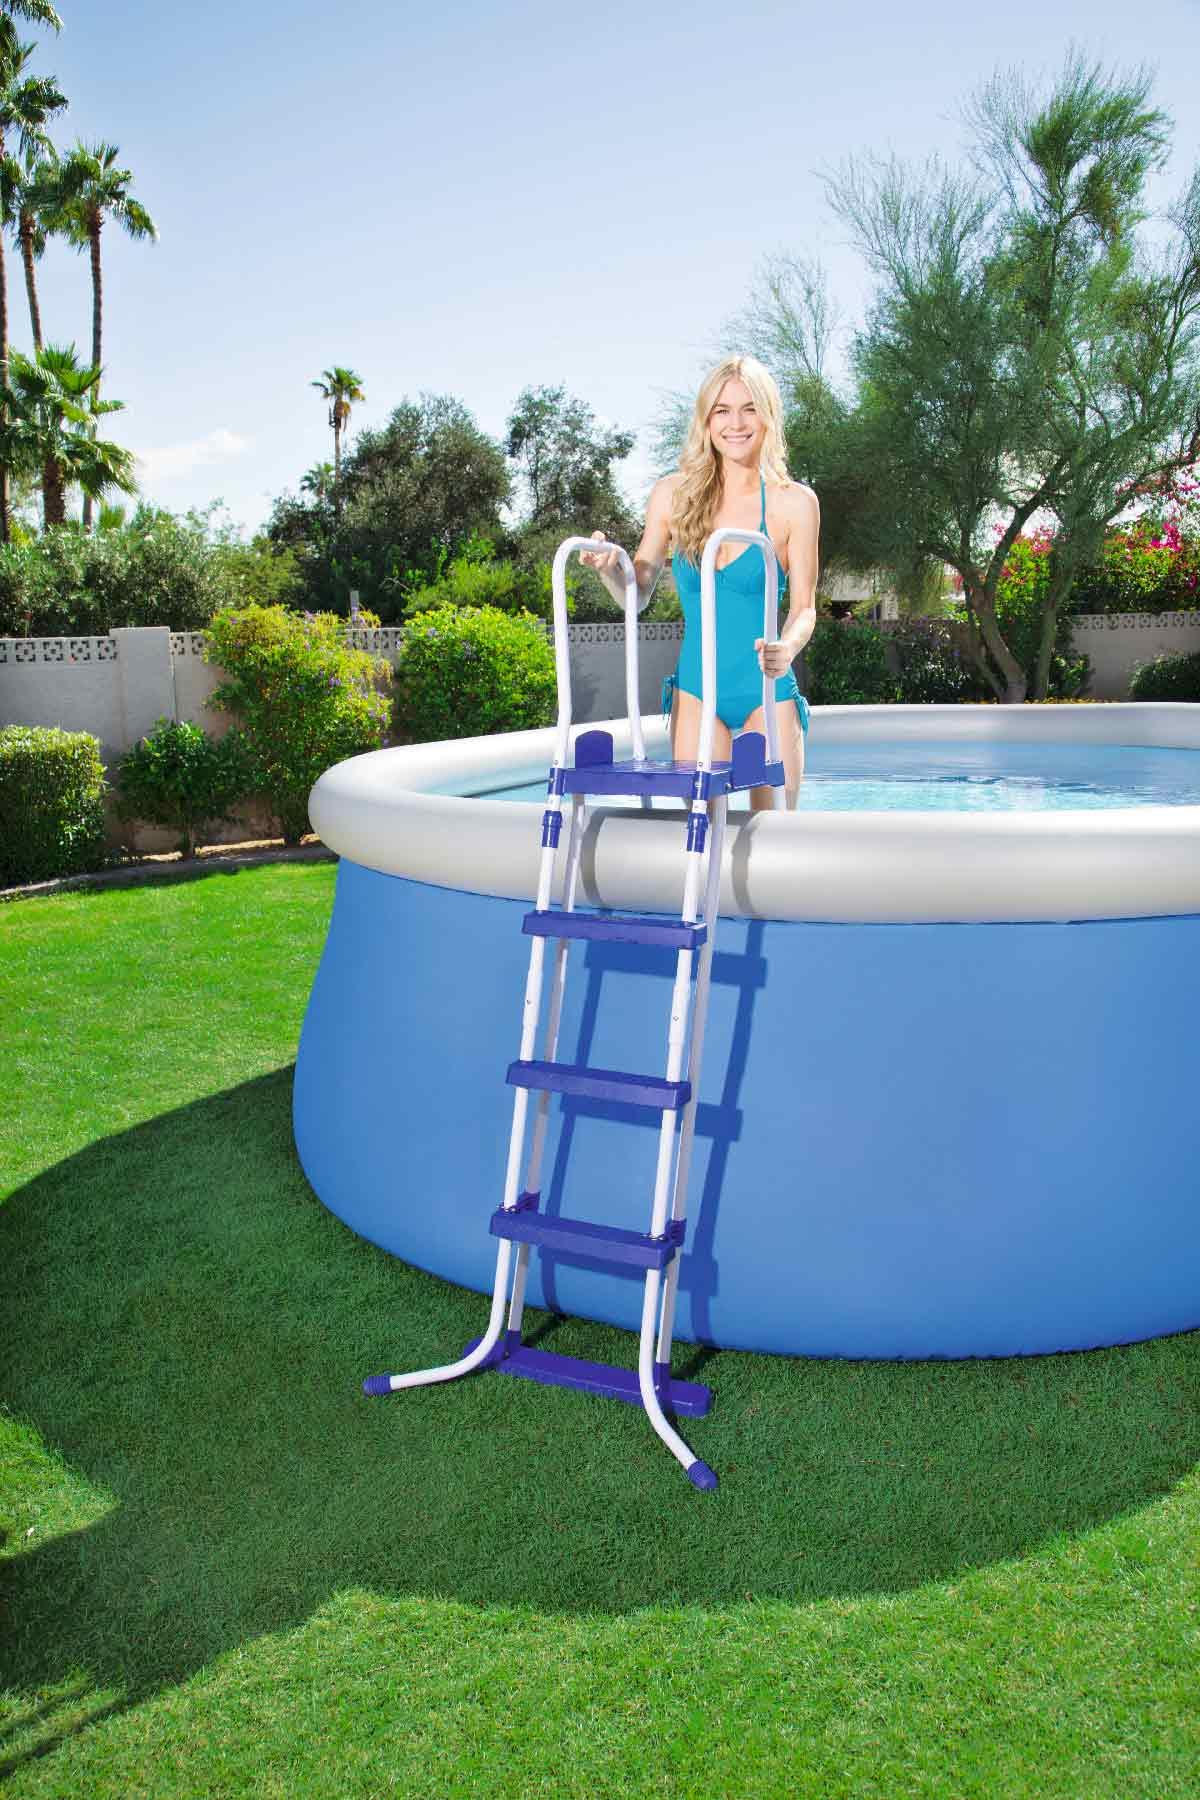 echelle de piscine hors sol comment